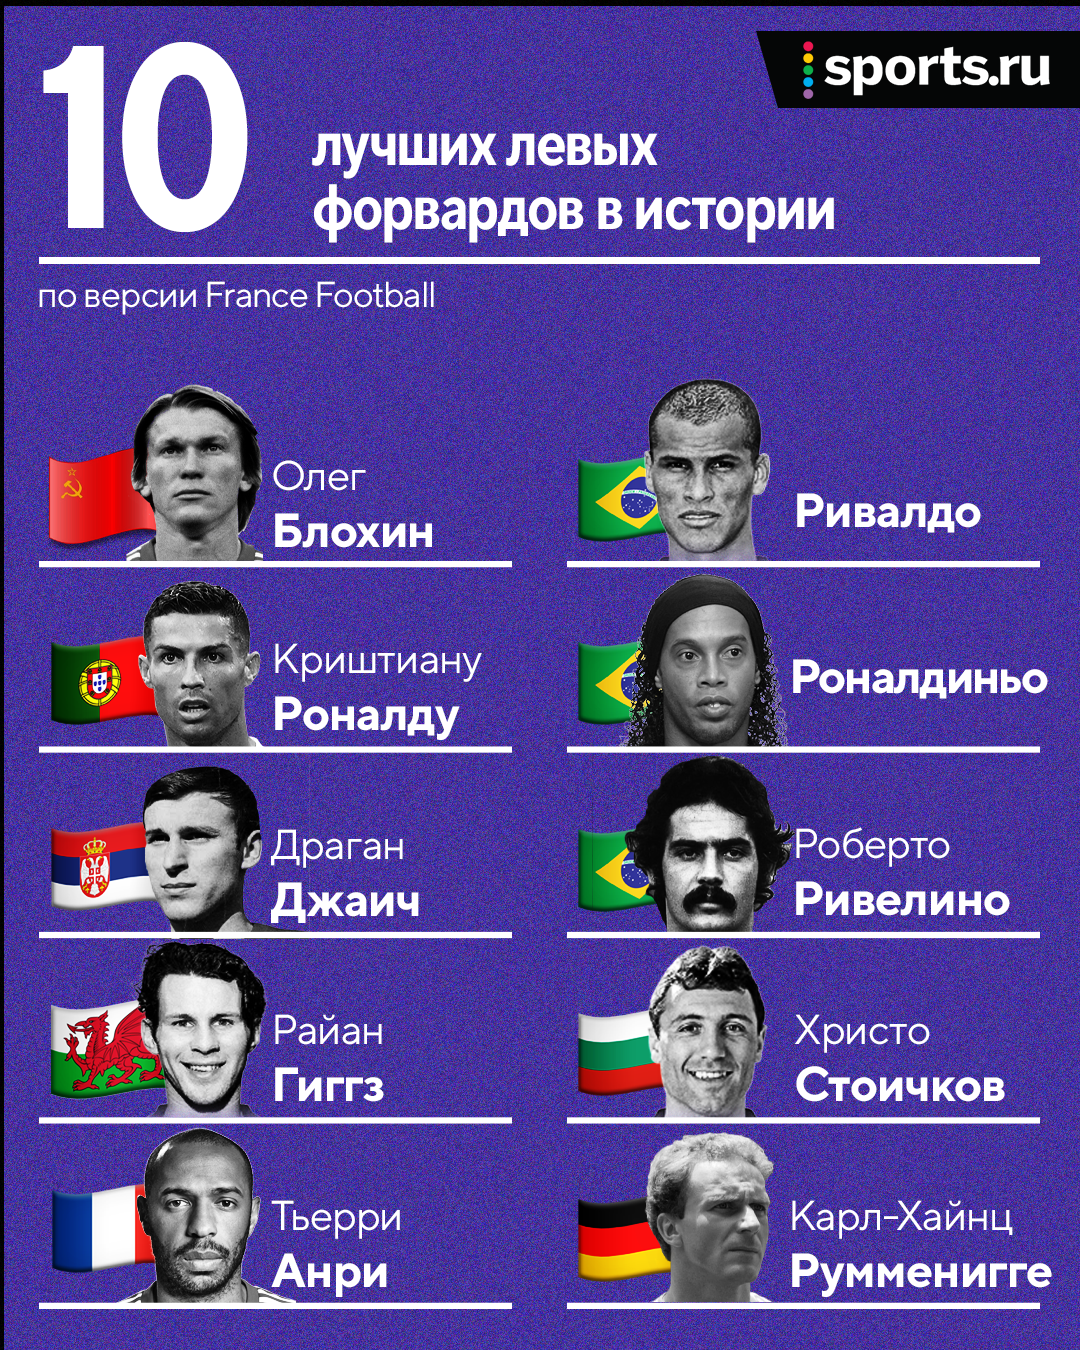 Роналду, Роналдиньо, Ривалдо –нереальный выбор лучшего левого форварда в сборную мира! Вы за кого?